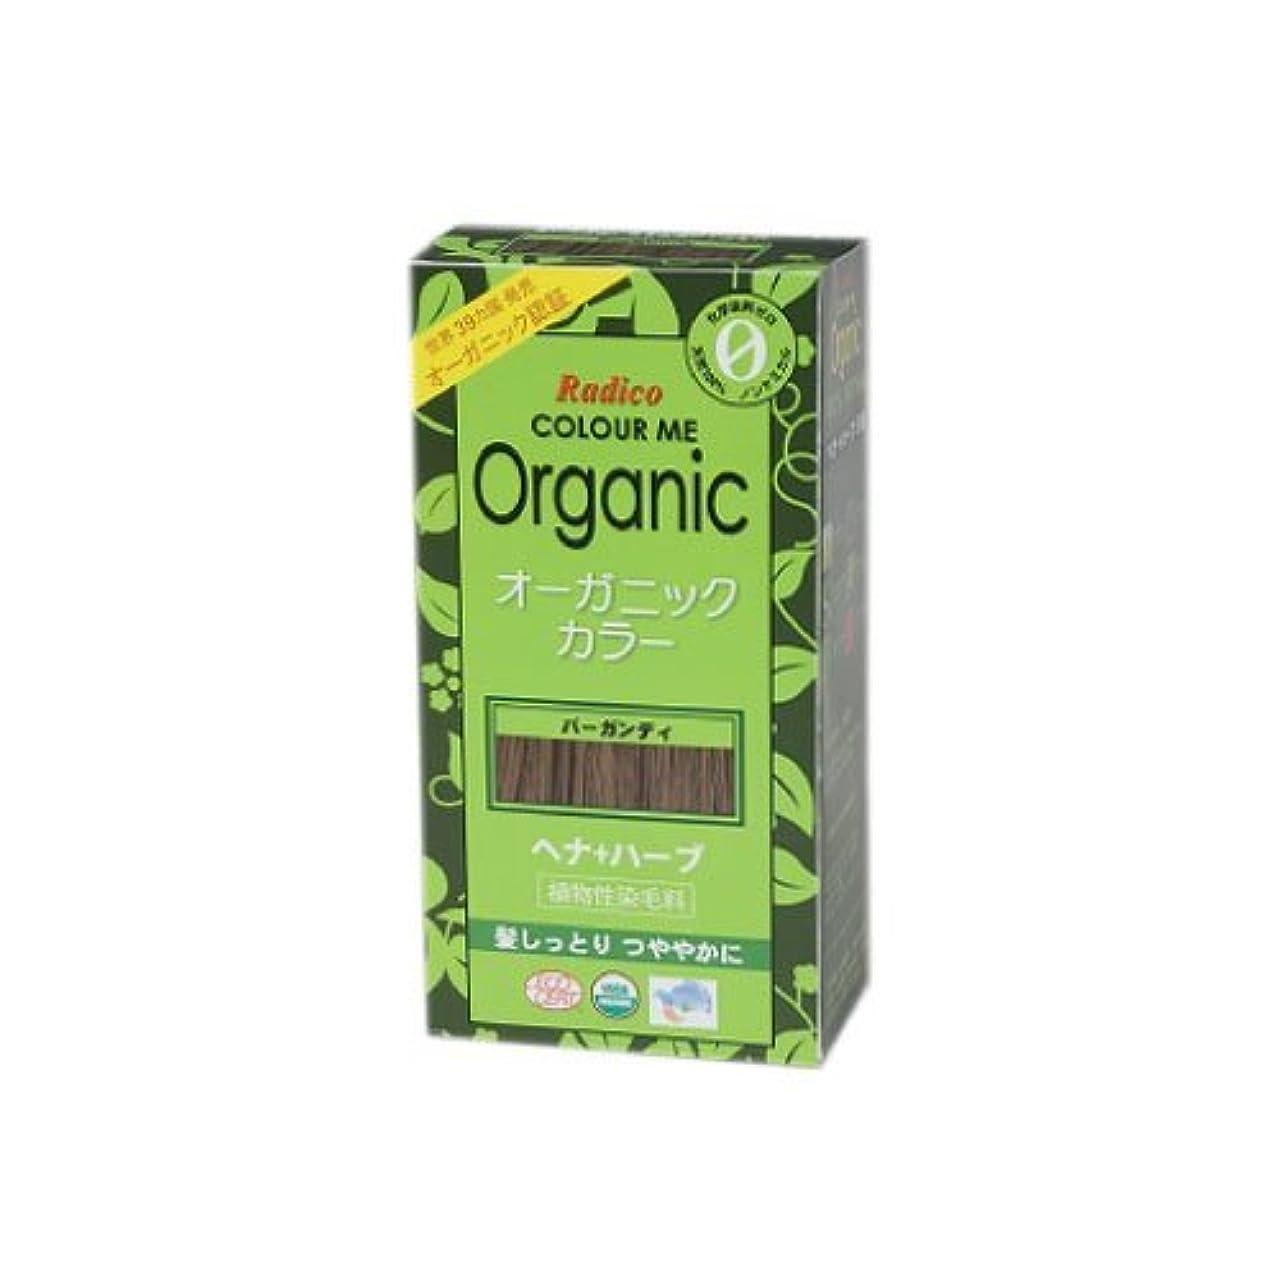 朝の体操をする囲い栄光COLOURME Organic (カラーミーオーガニック ヘナ 白髪用) バーガンディ 100g